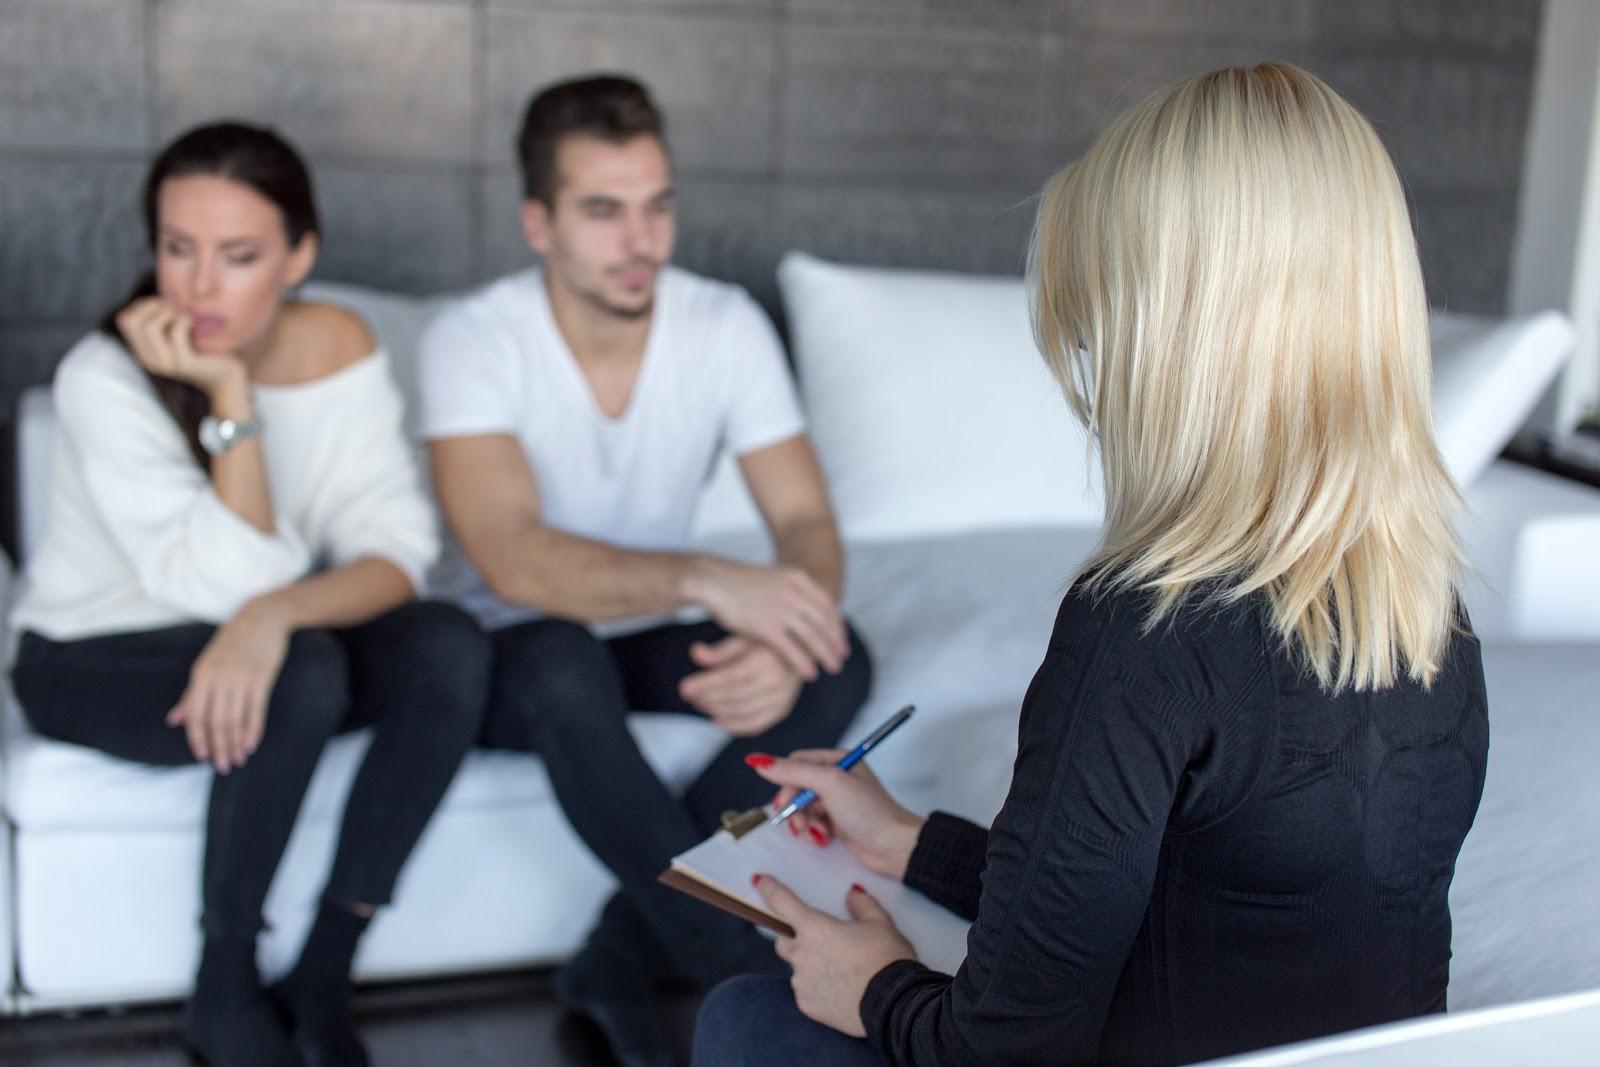 Σεξουαλική Υγεία: Ο καταλυτικός ρόλος της ψυχοθεραπείας